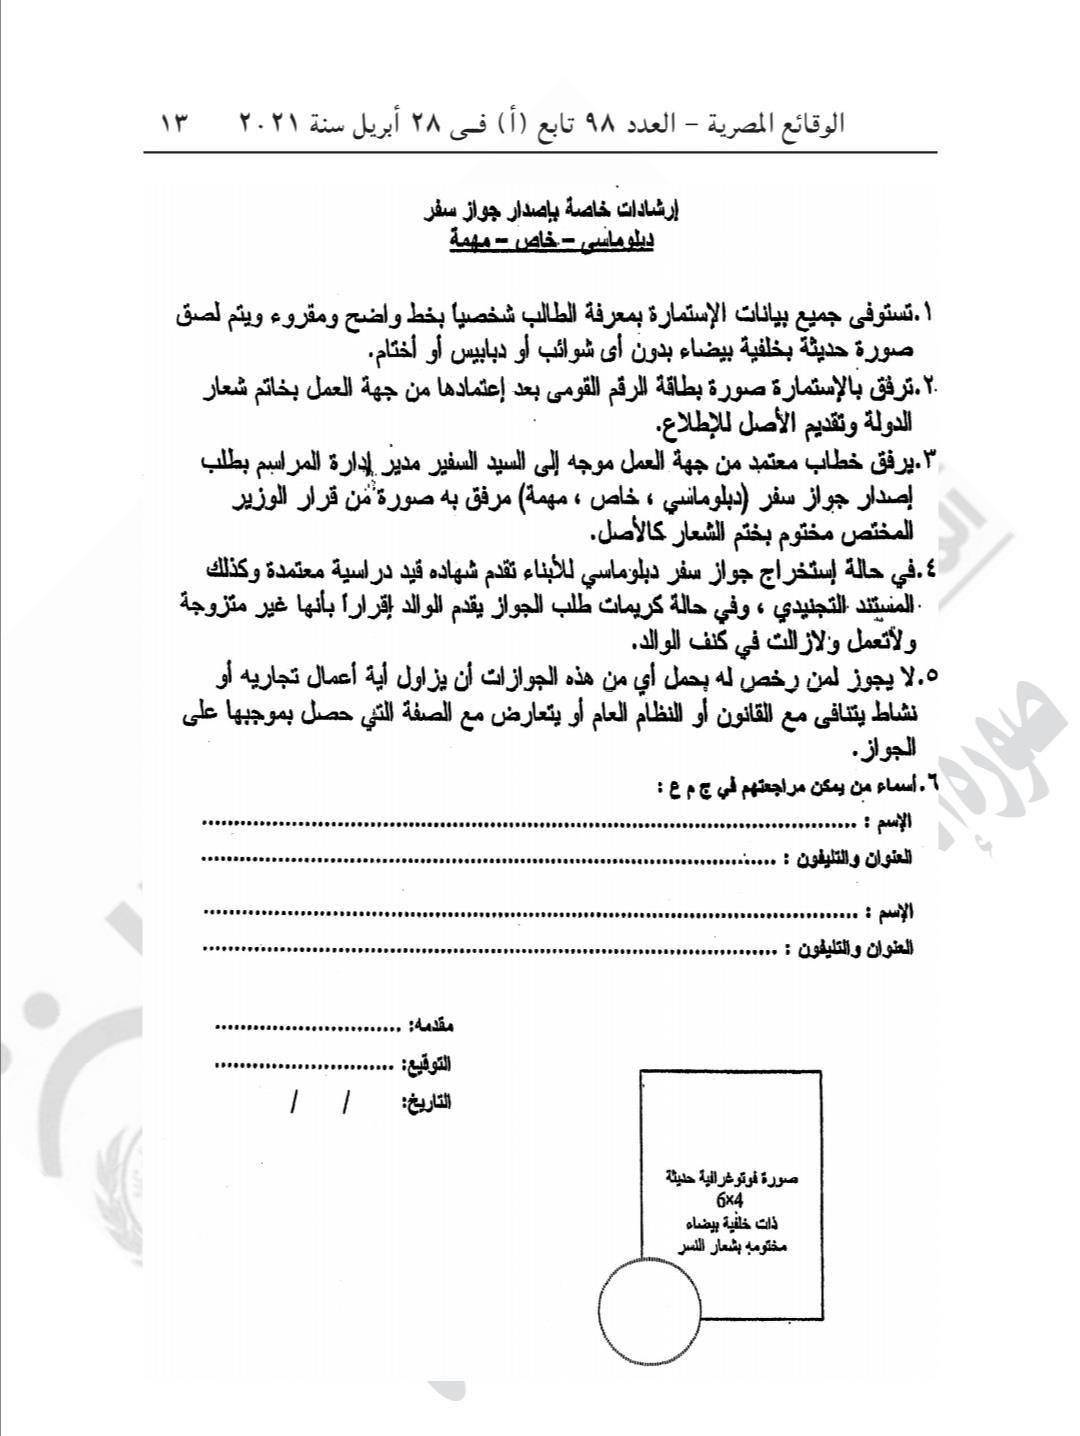 «الداخلية» تحدد شروط استخراج وتجديد جواز السفر من داخل وخارج البلاد| مستندات